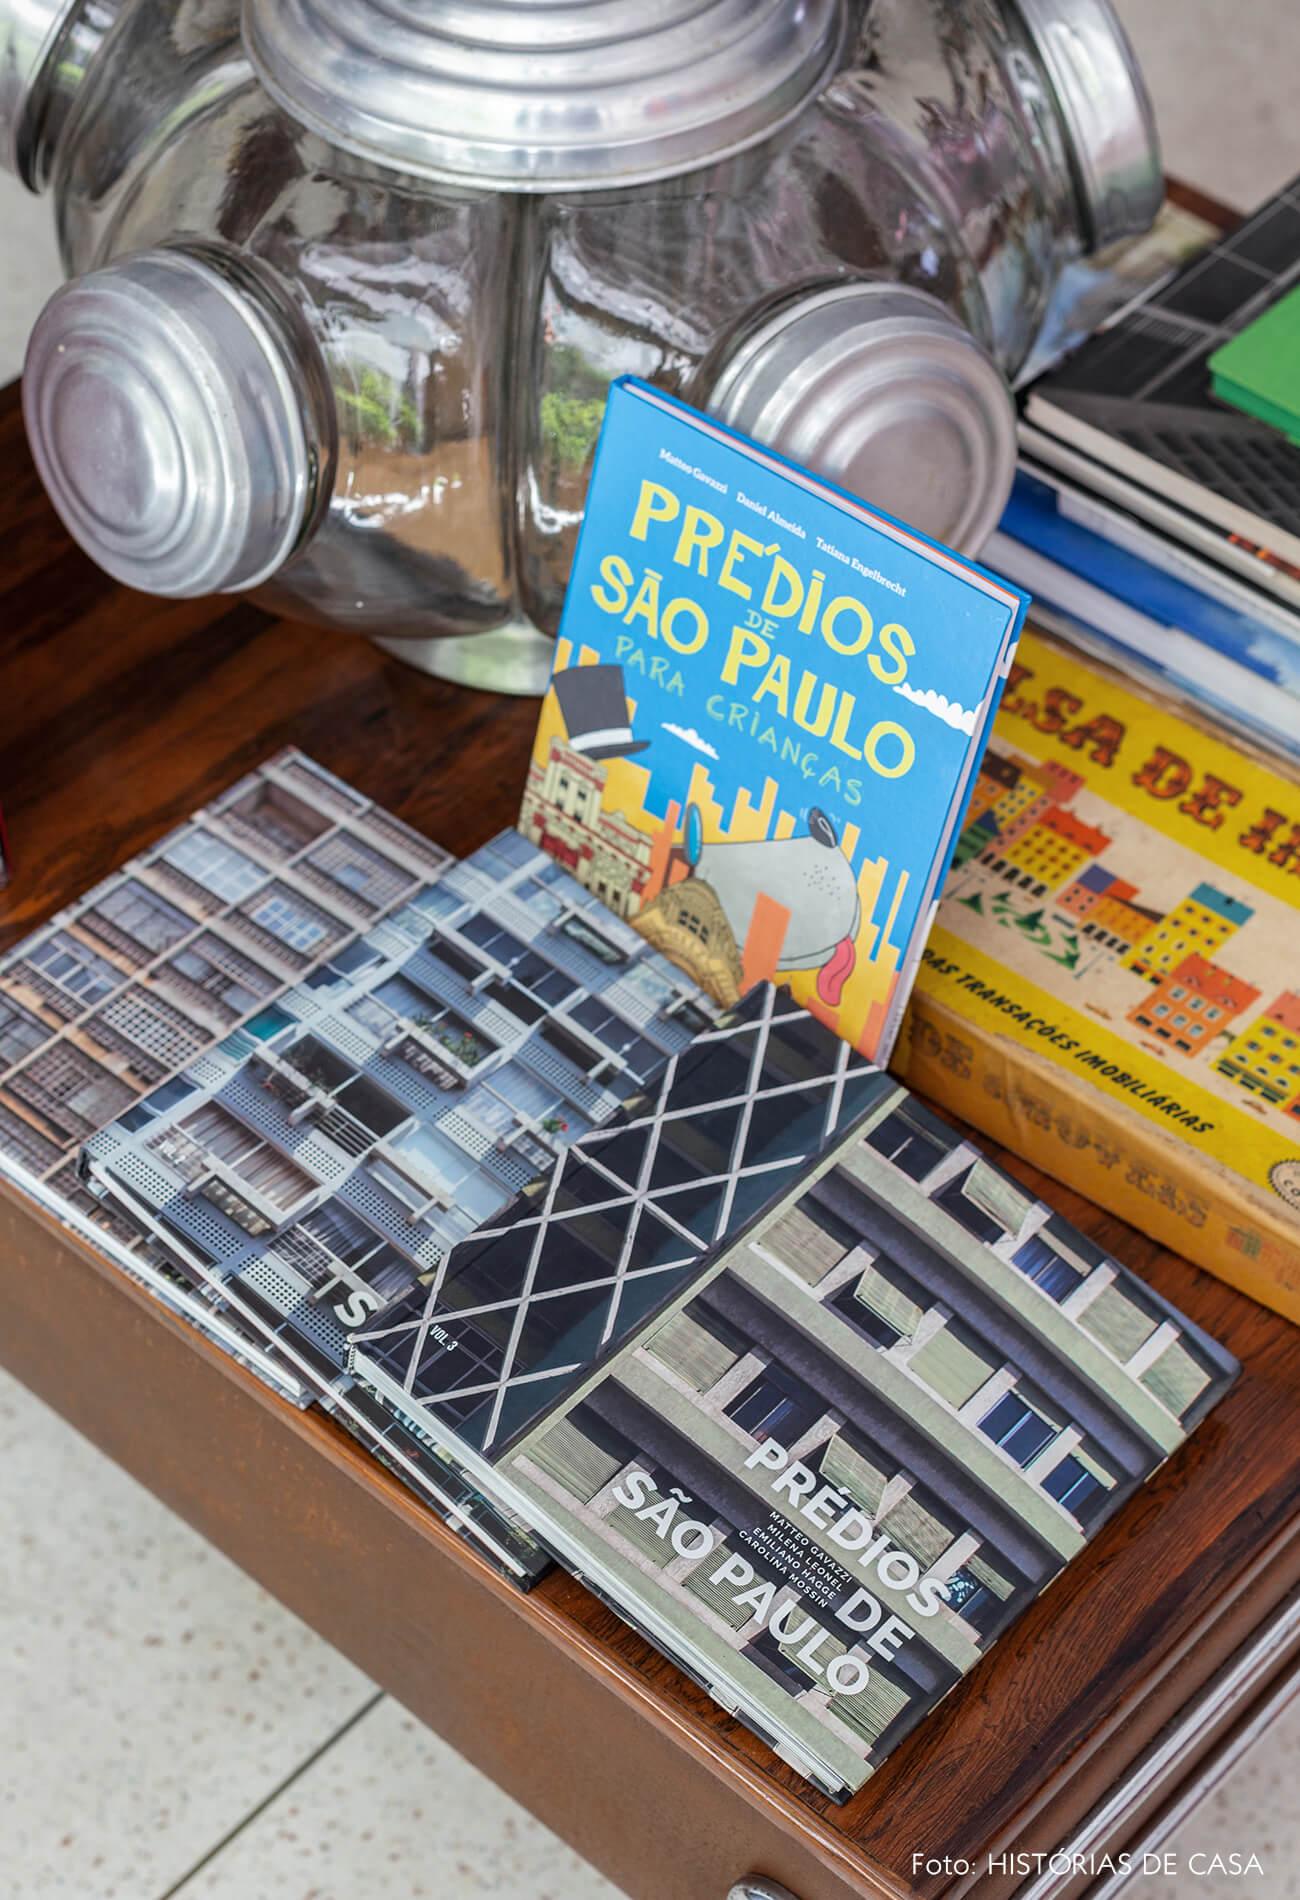 Livro Prédios de São Paulo, da Refúgios Urbanos